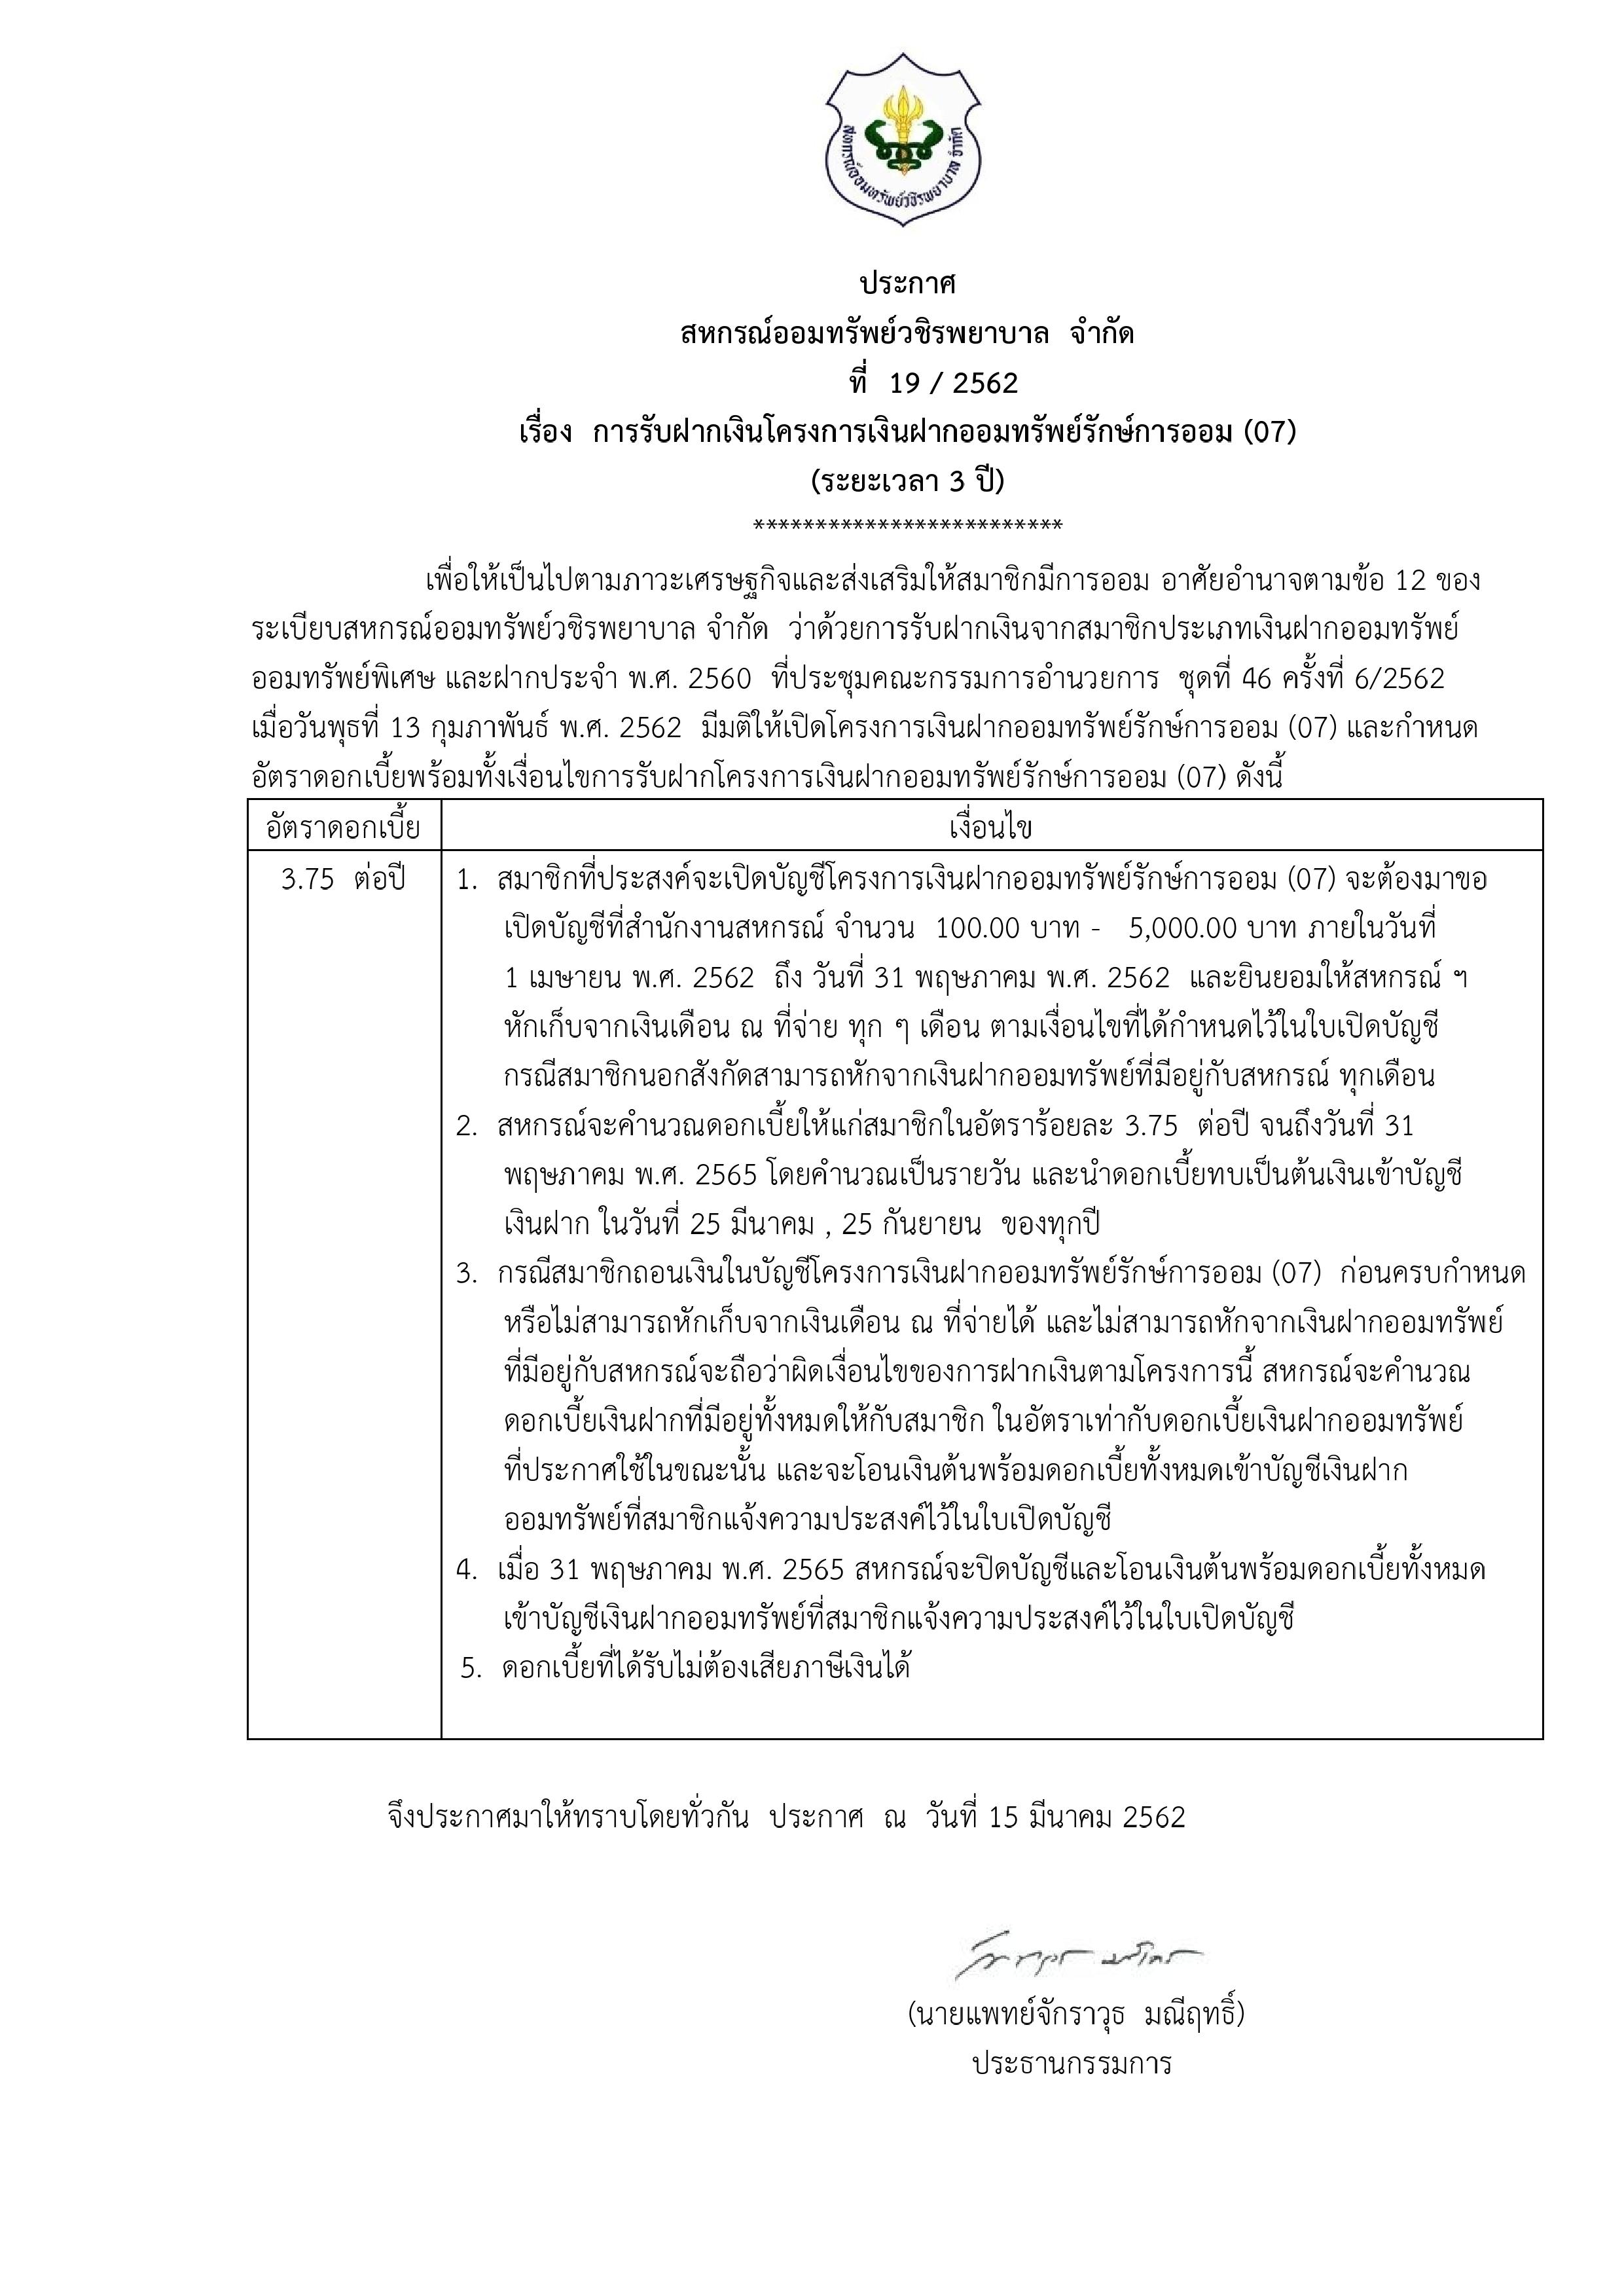 การรับฝากเงินโครงการเงินฝากออมทรัพย์รักษ์การออม (07) (ระยะเวลา 3 ปี)